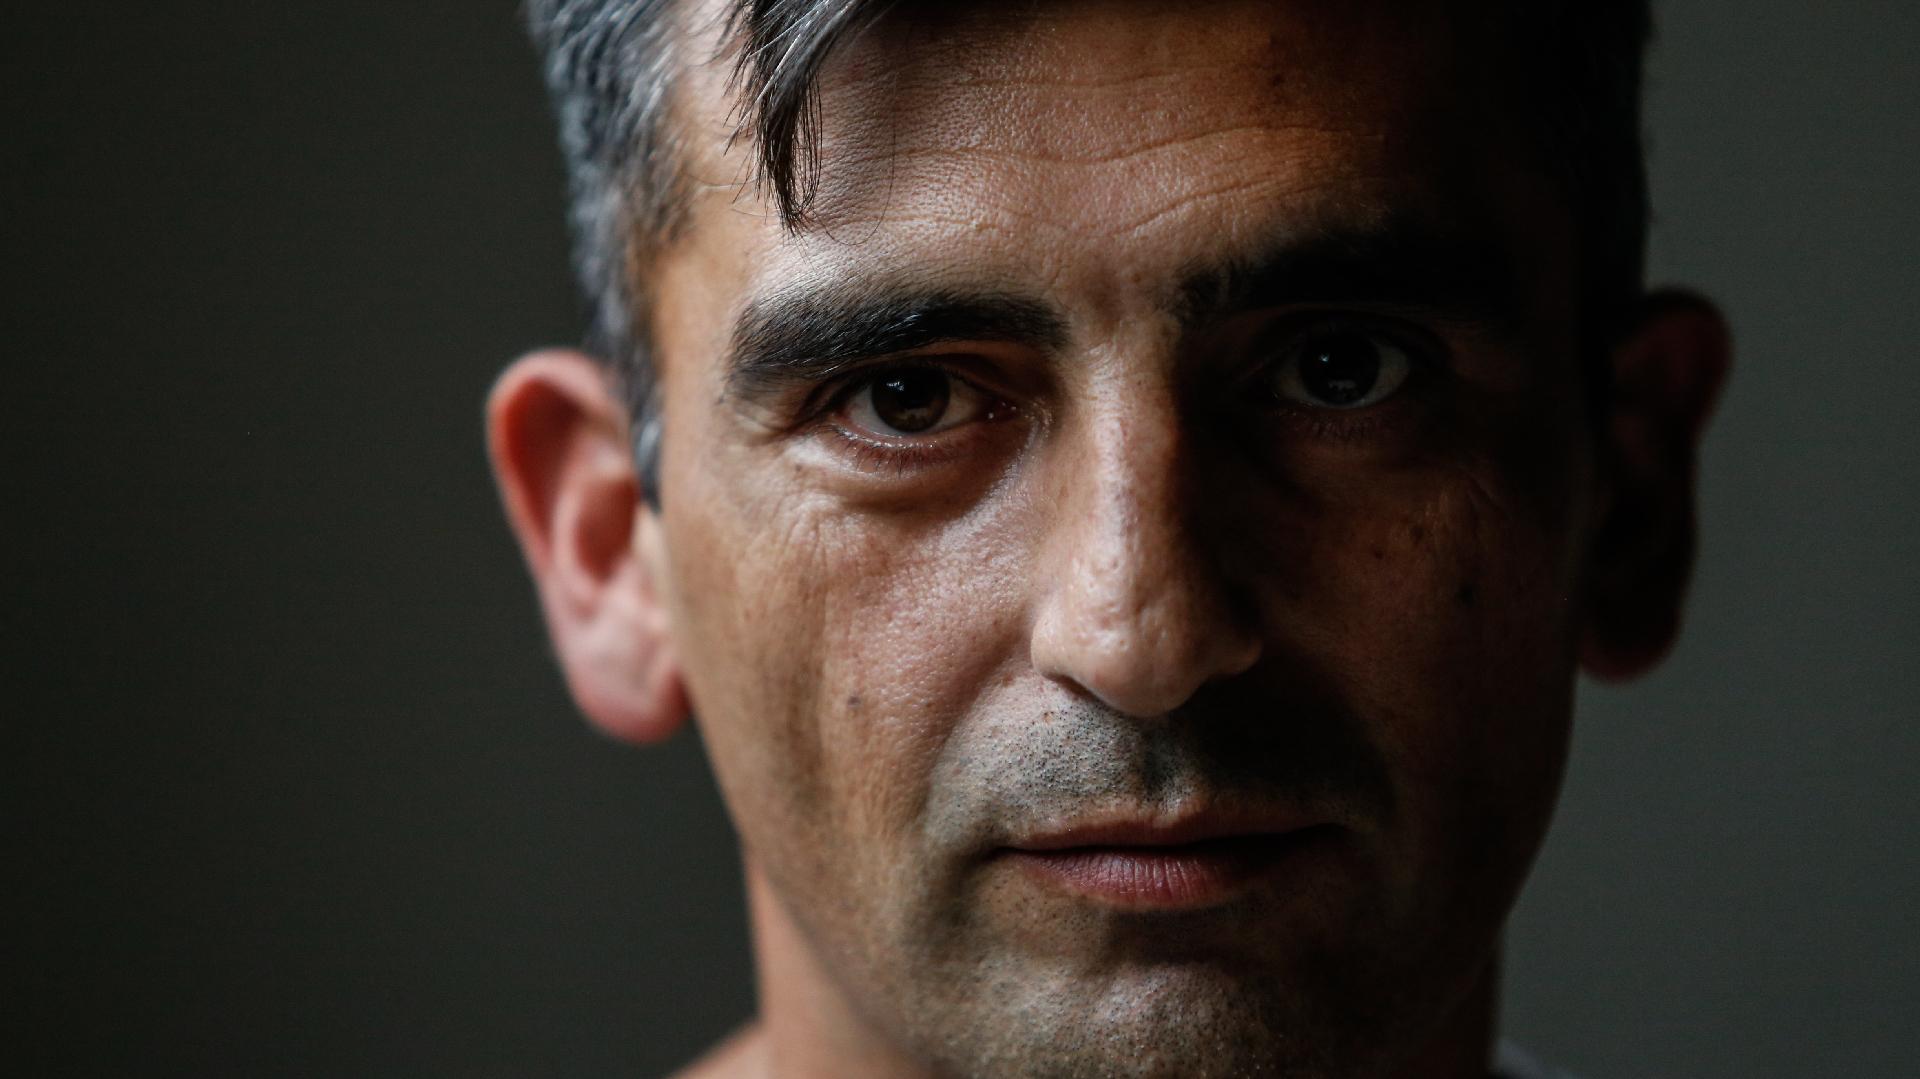 """Silvio Romero: """"Siempre me lo pregunté: ¿qué fue de la vida de esa gente? Les generé un daño económico y psicológico, ¿tengo manera de repararlo?"""""""